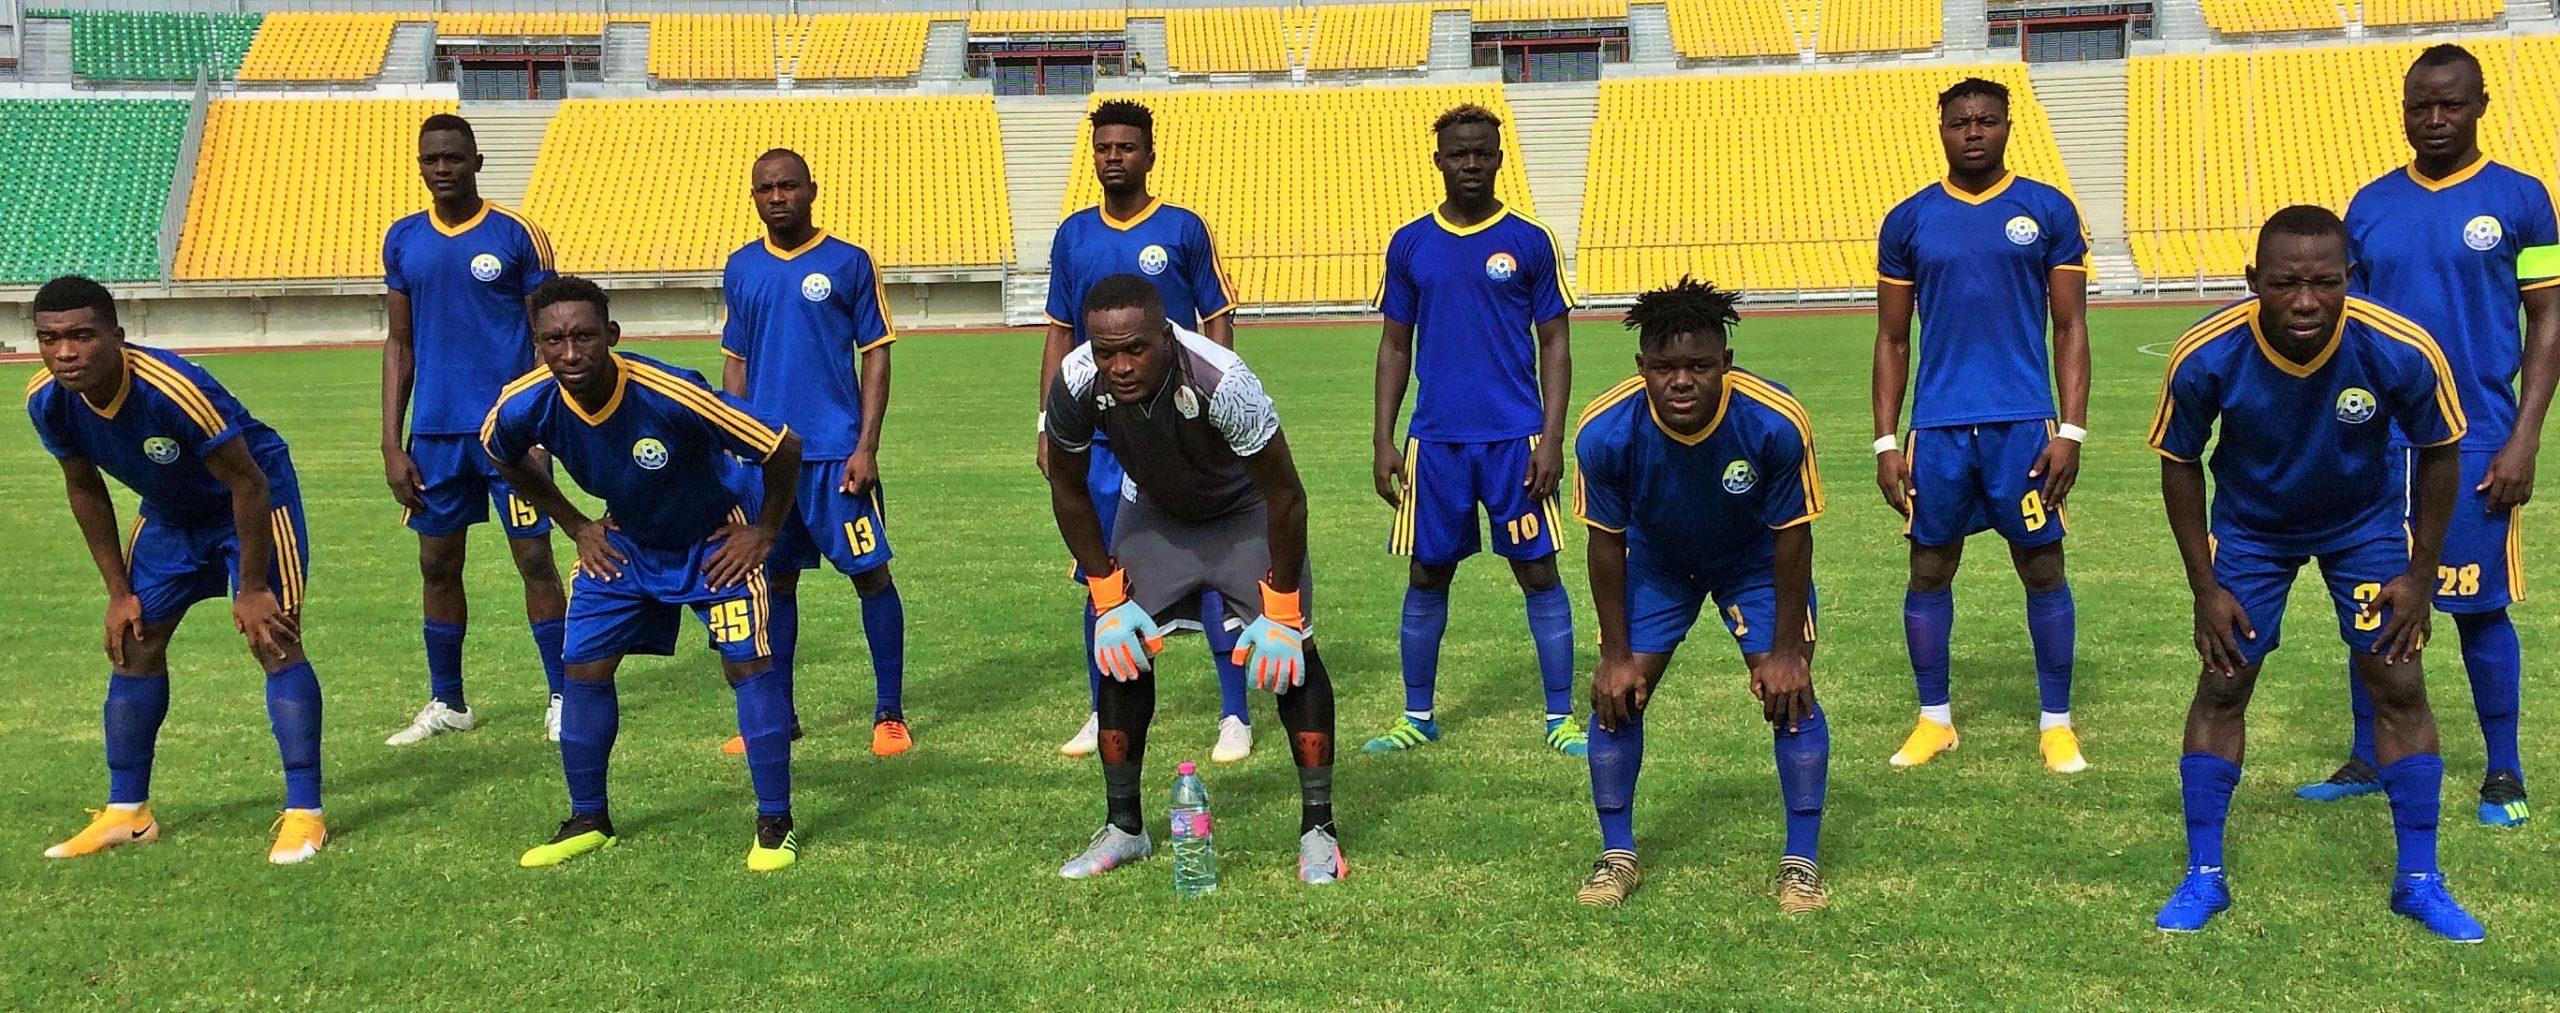 L'équipe d'Ums de Loum qui a battu le Canon Sportif de Yaoundé